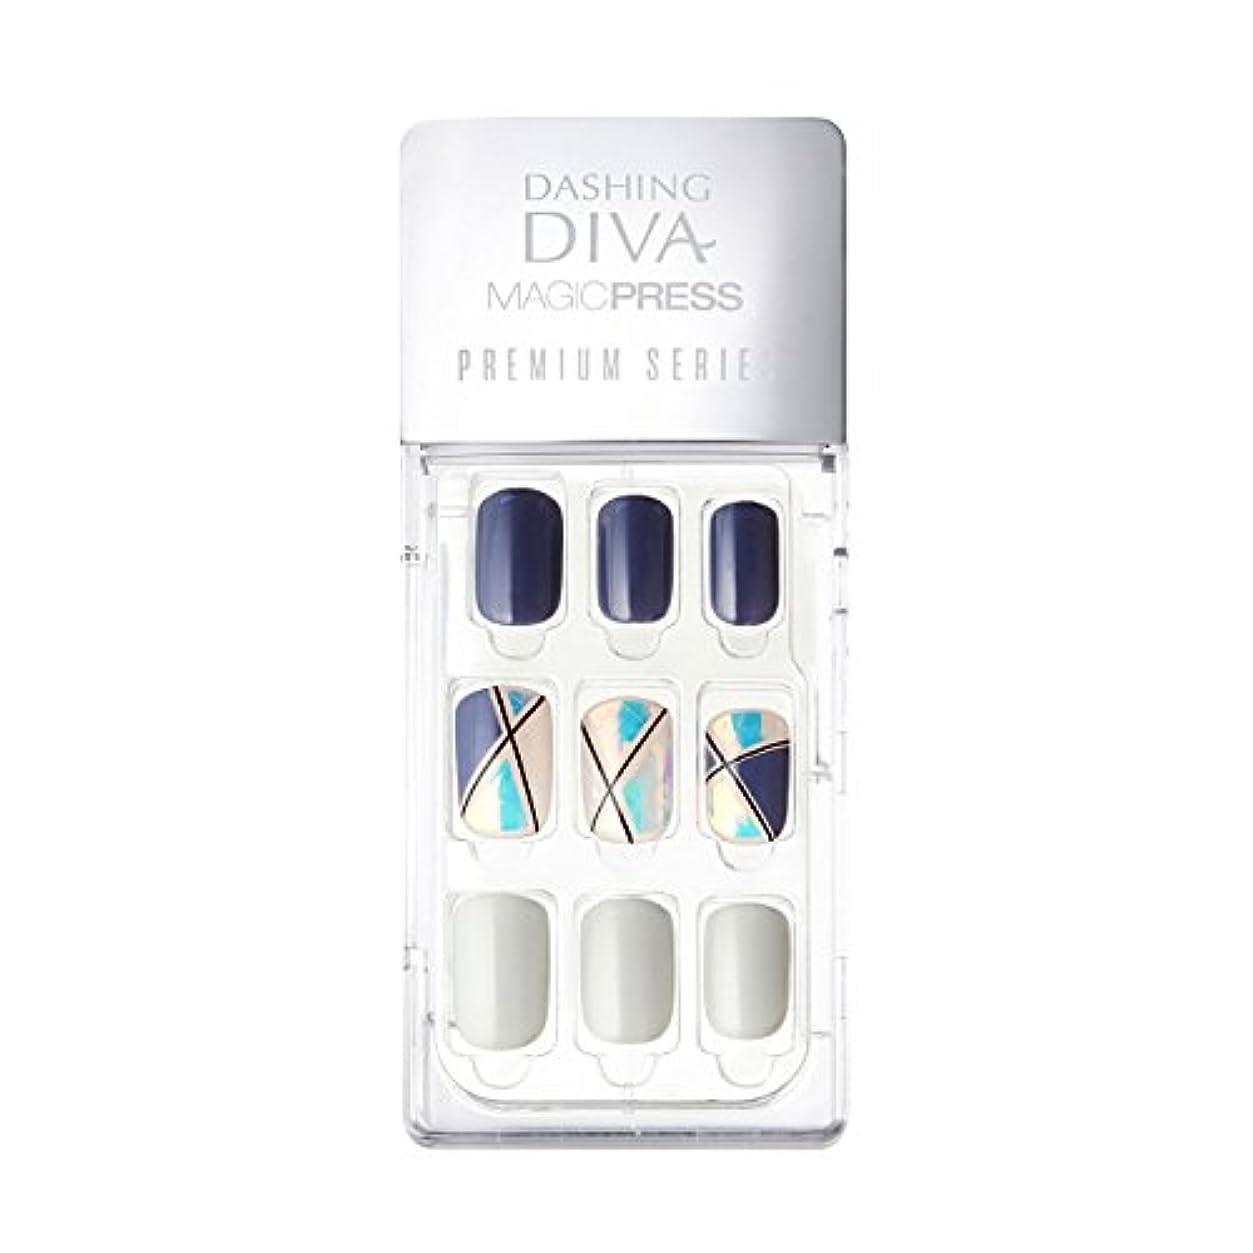 ダッシングディバ マジックプレス DASHING DIVA MagicPress MPR056-DURY+ オリジナルジェル ネイルチップ